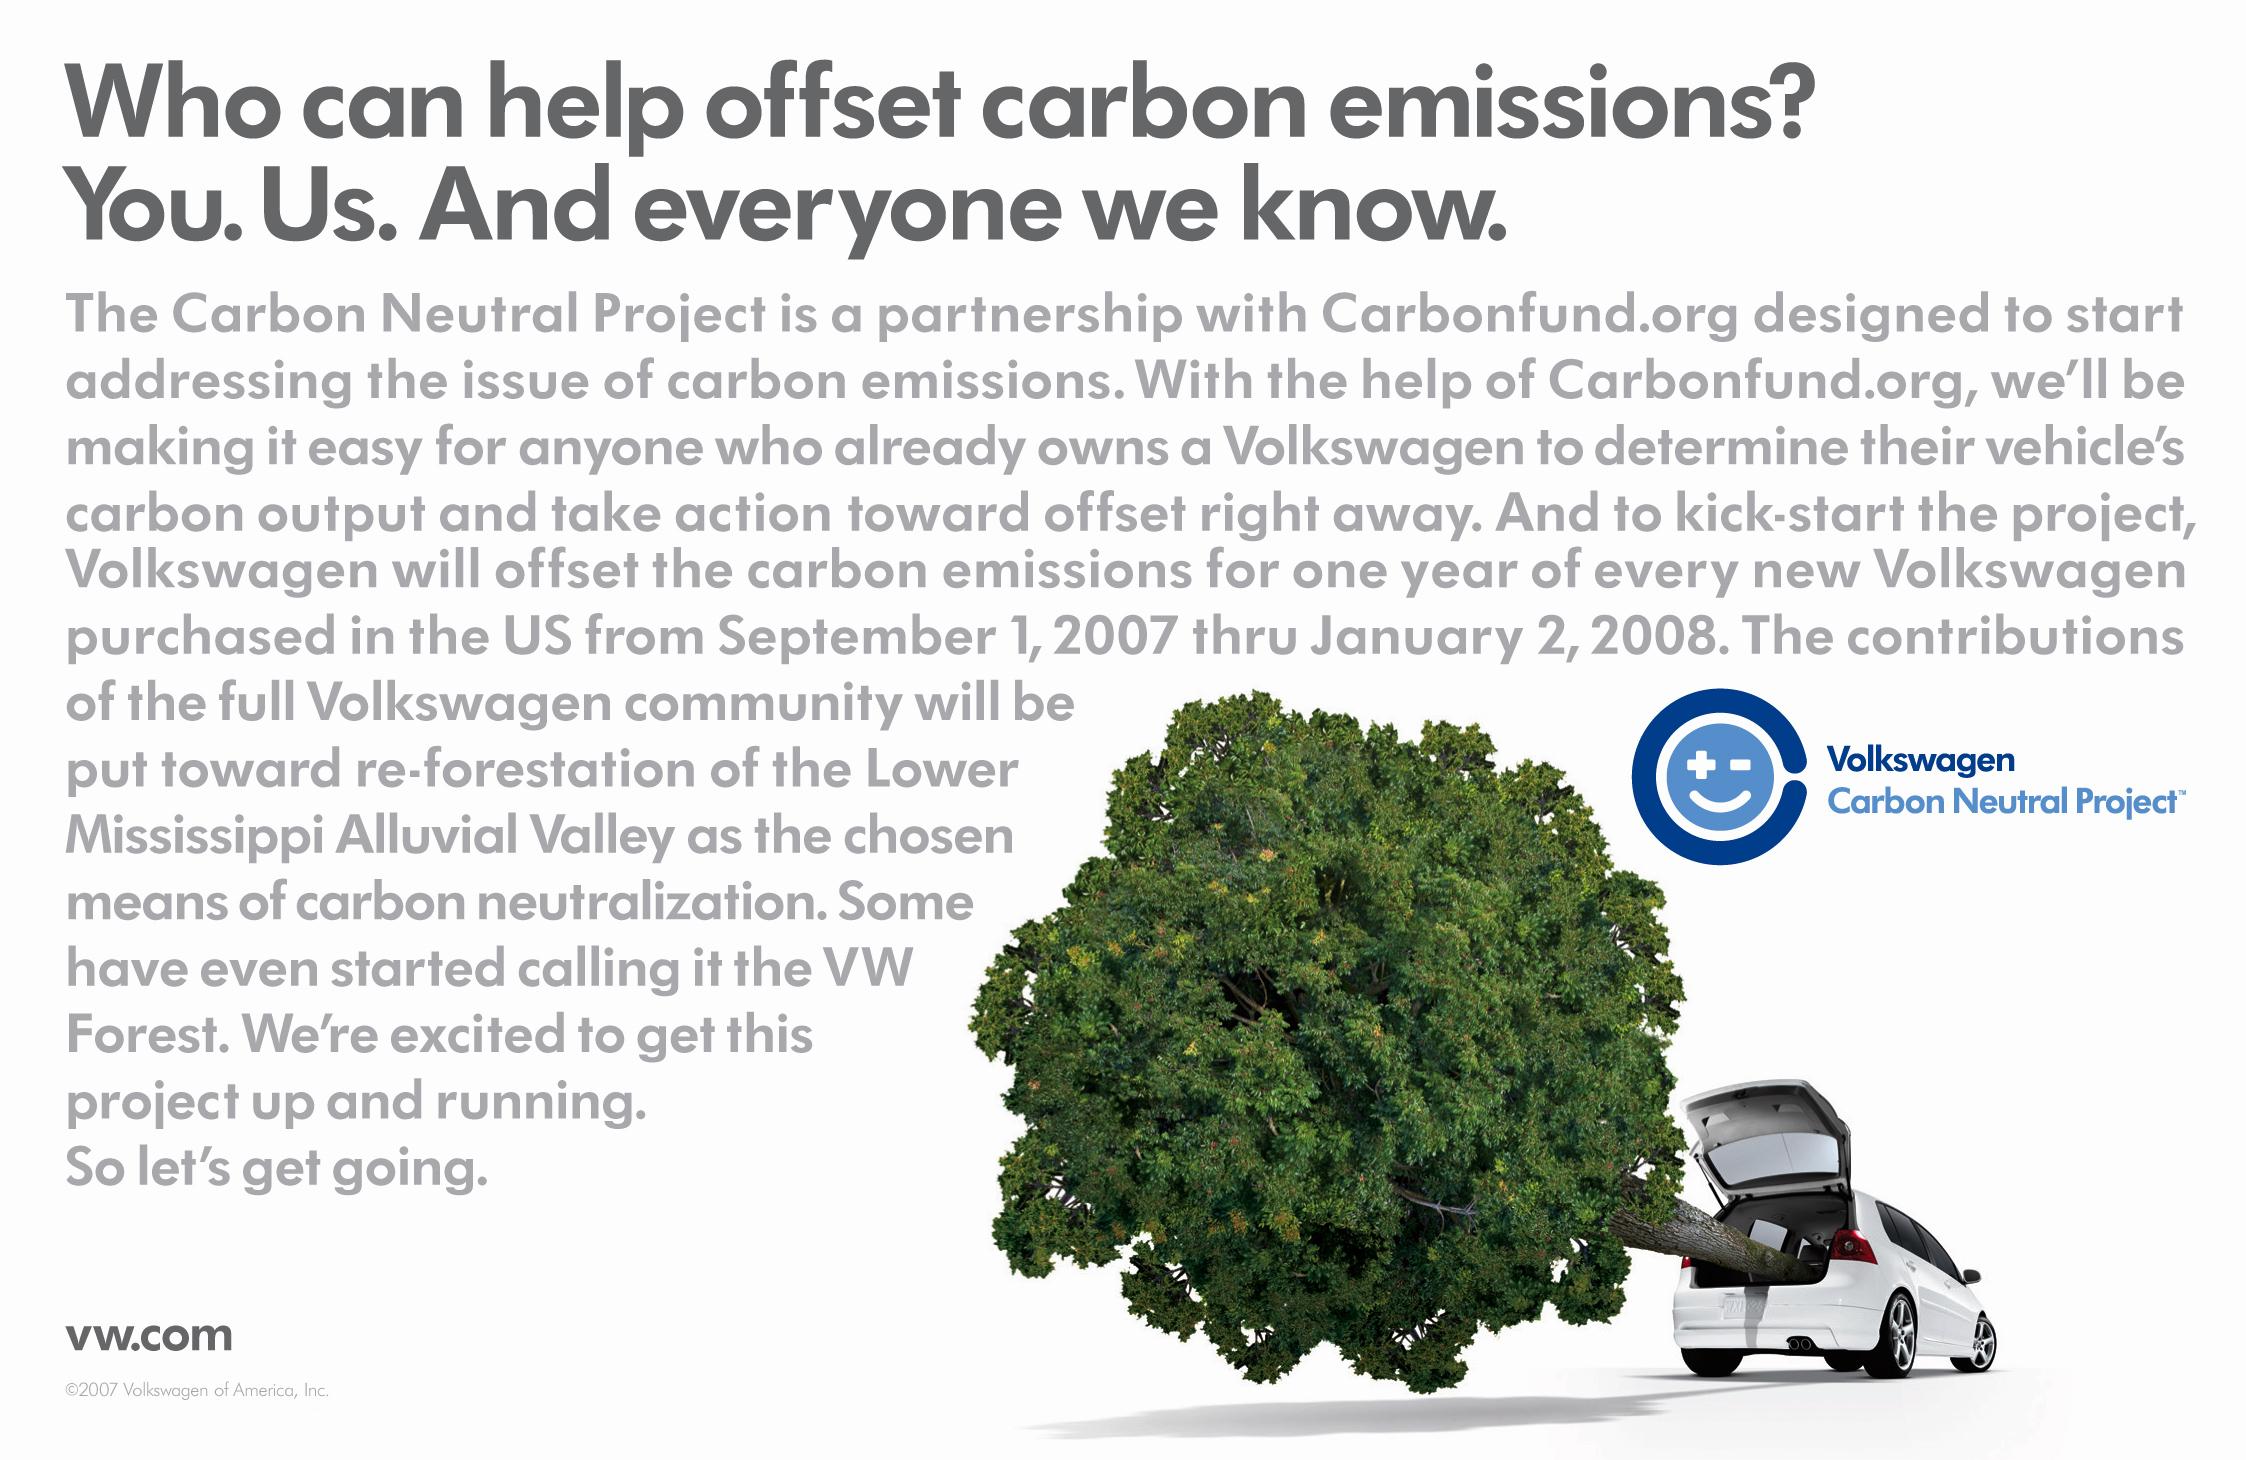 VW carbon neutral project